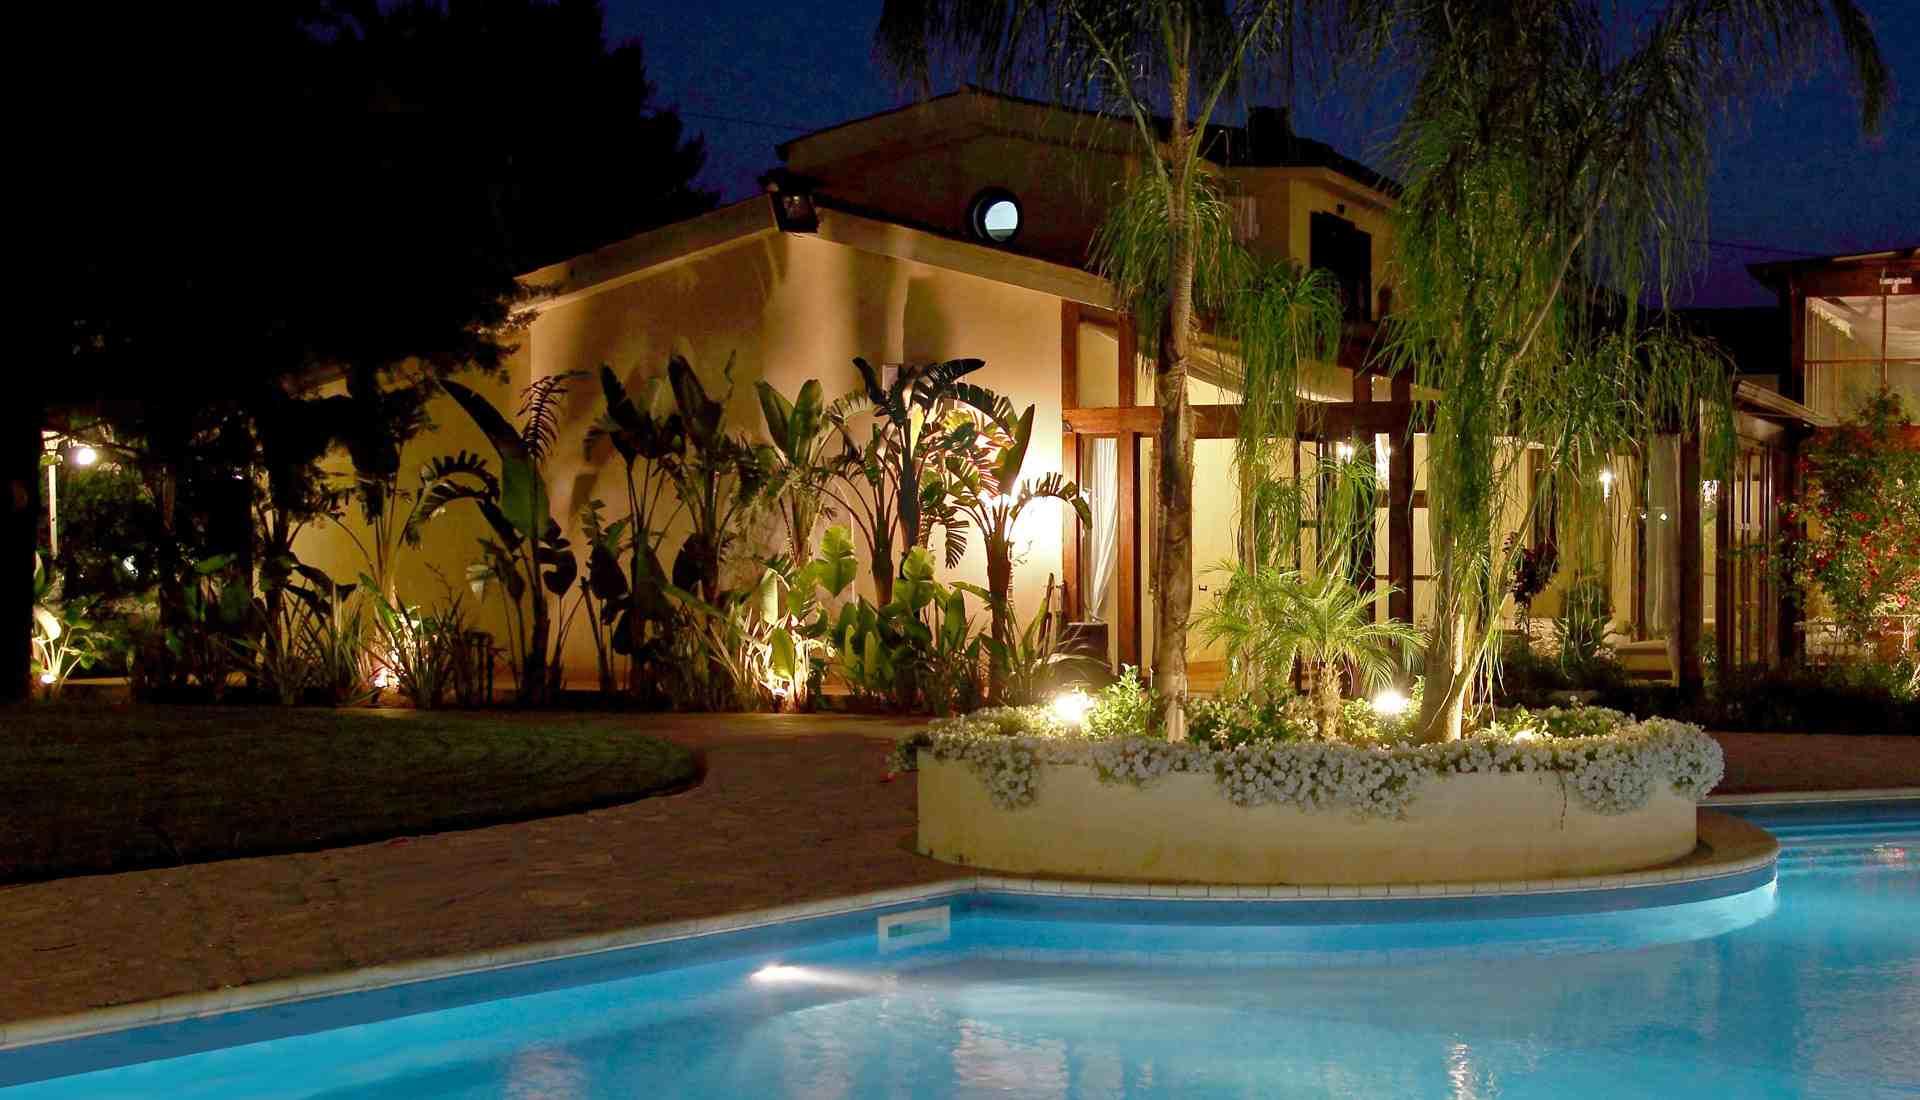 Villa Zuccarello - Location Perfetta